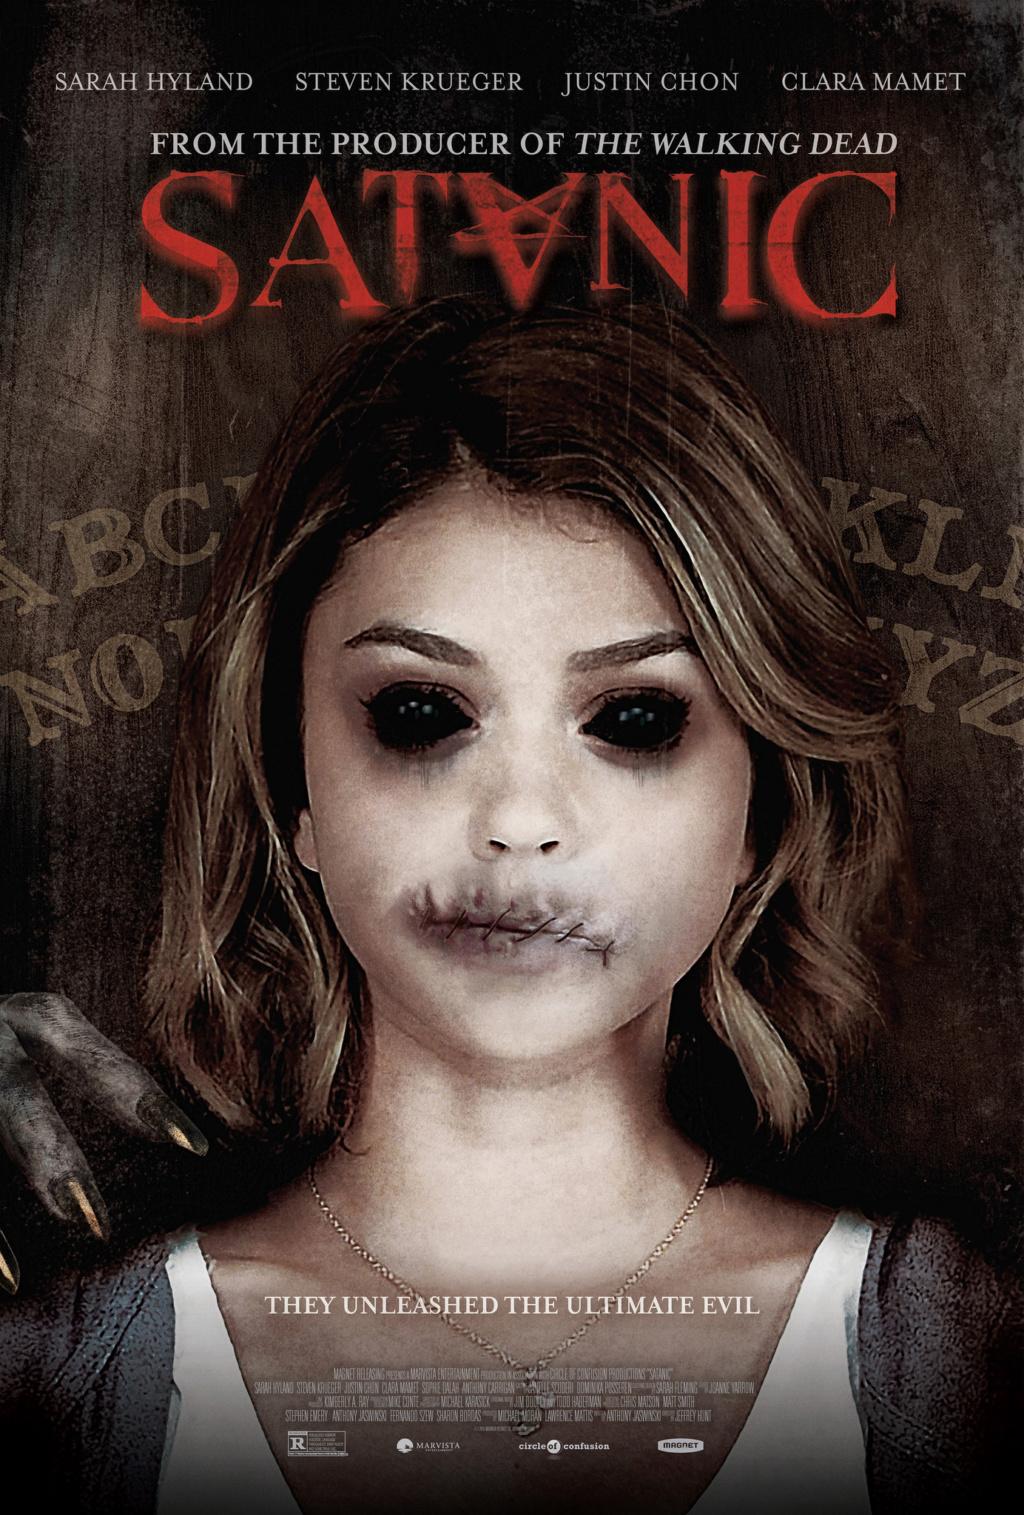 مراجعة فيلم Satanic Mv5bmt10